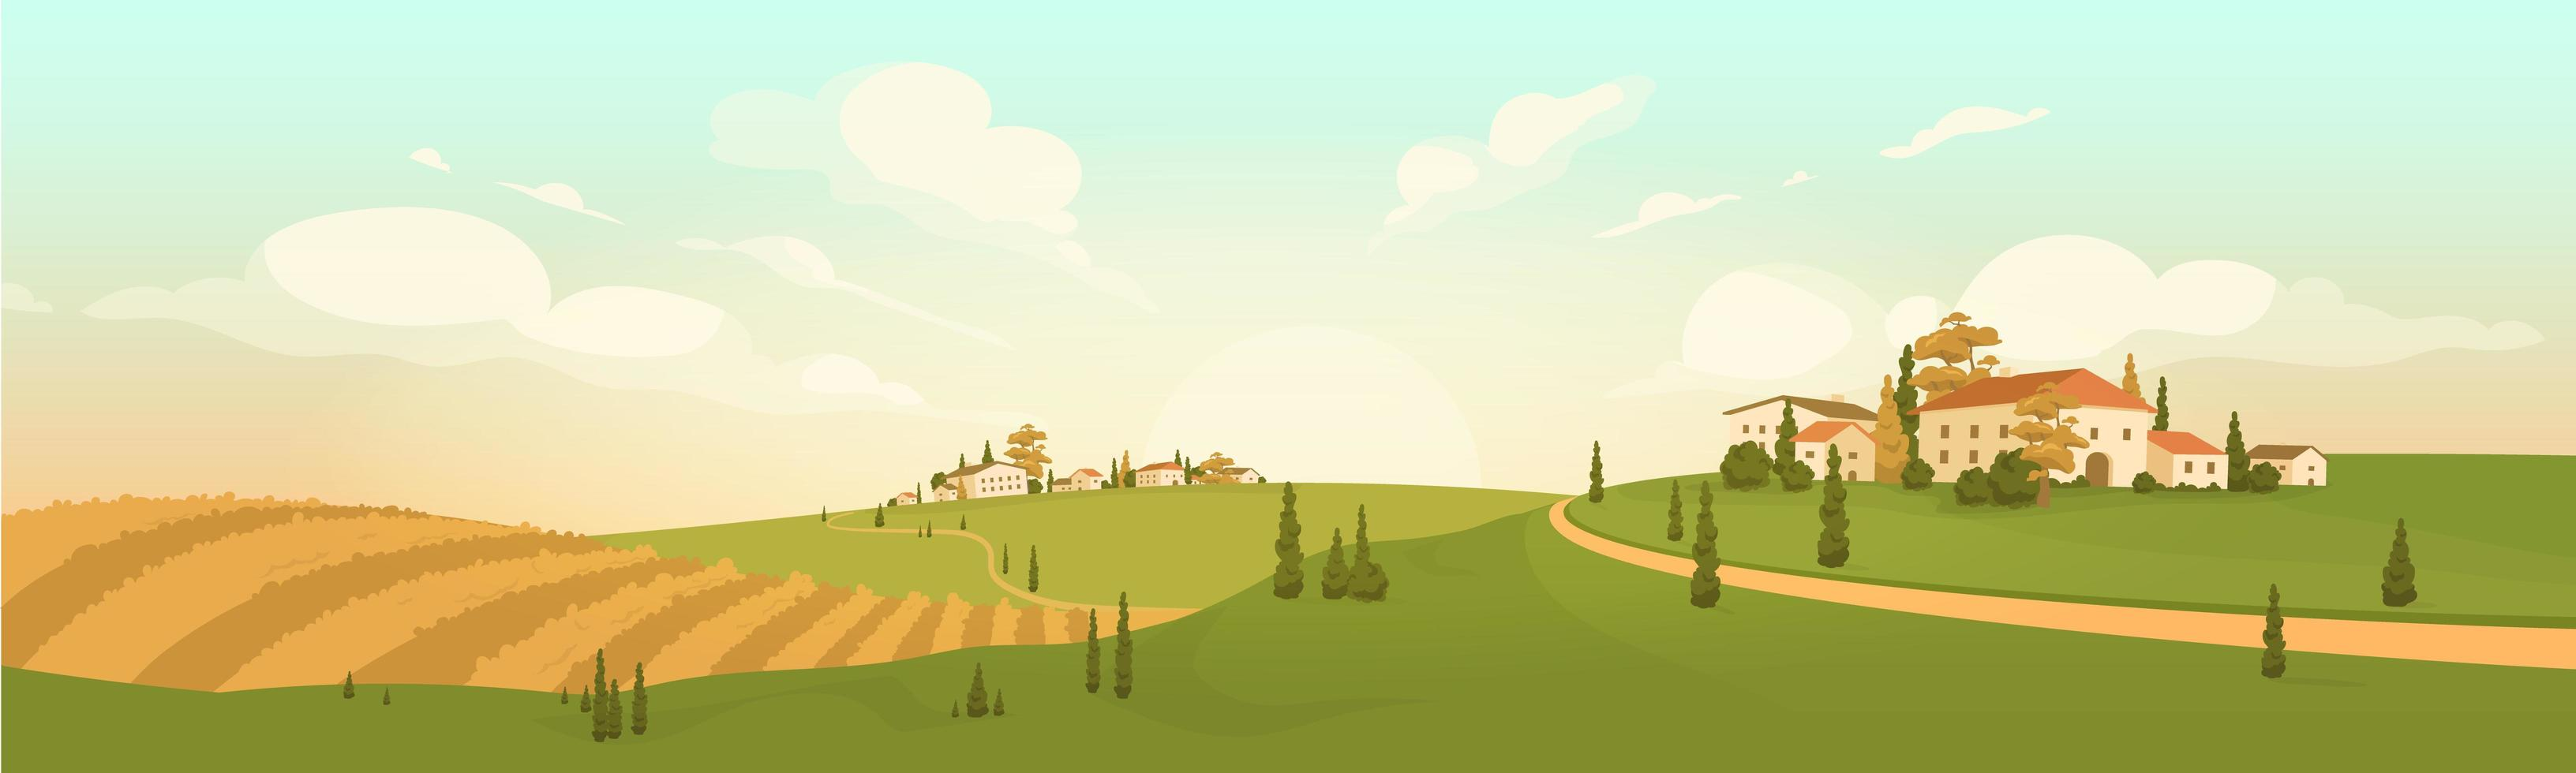 herfst in dorp op een heuvel vector